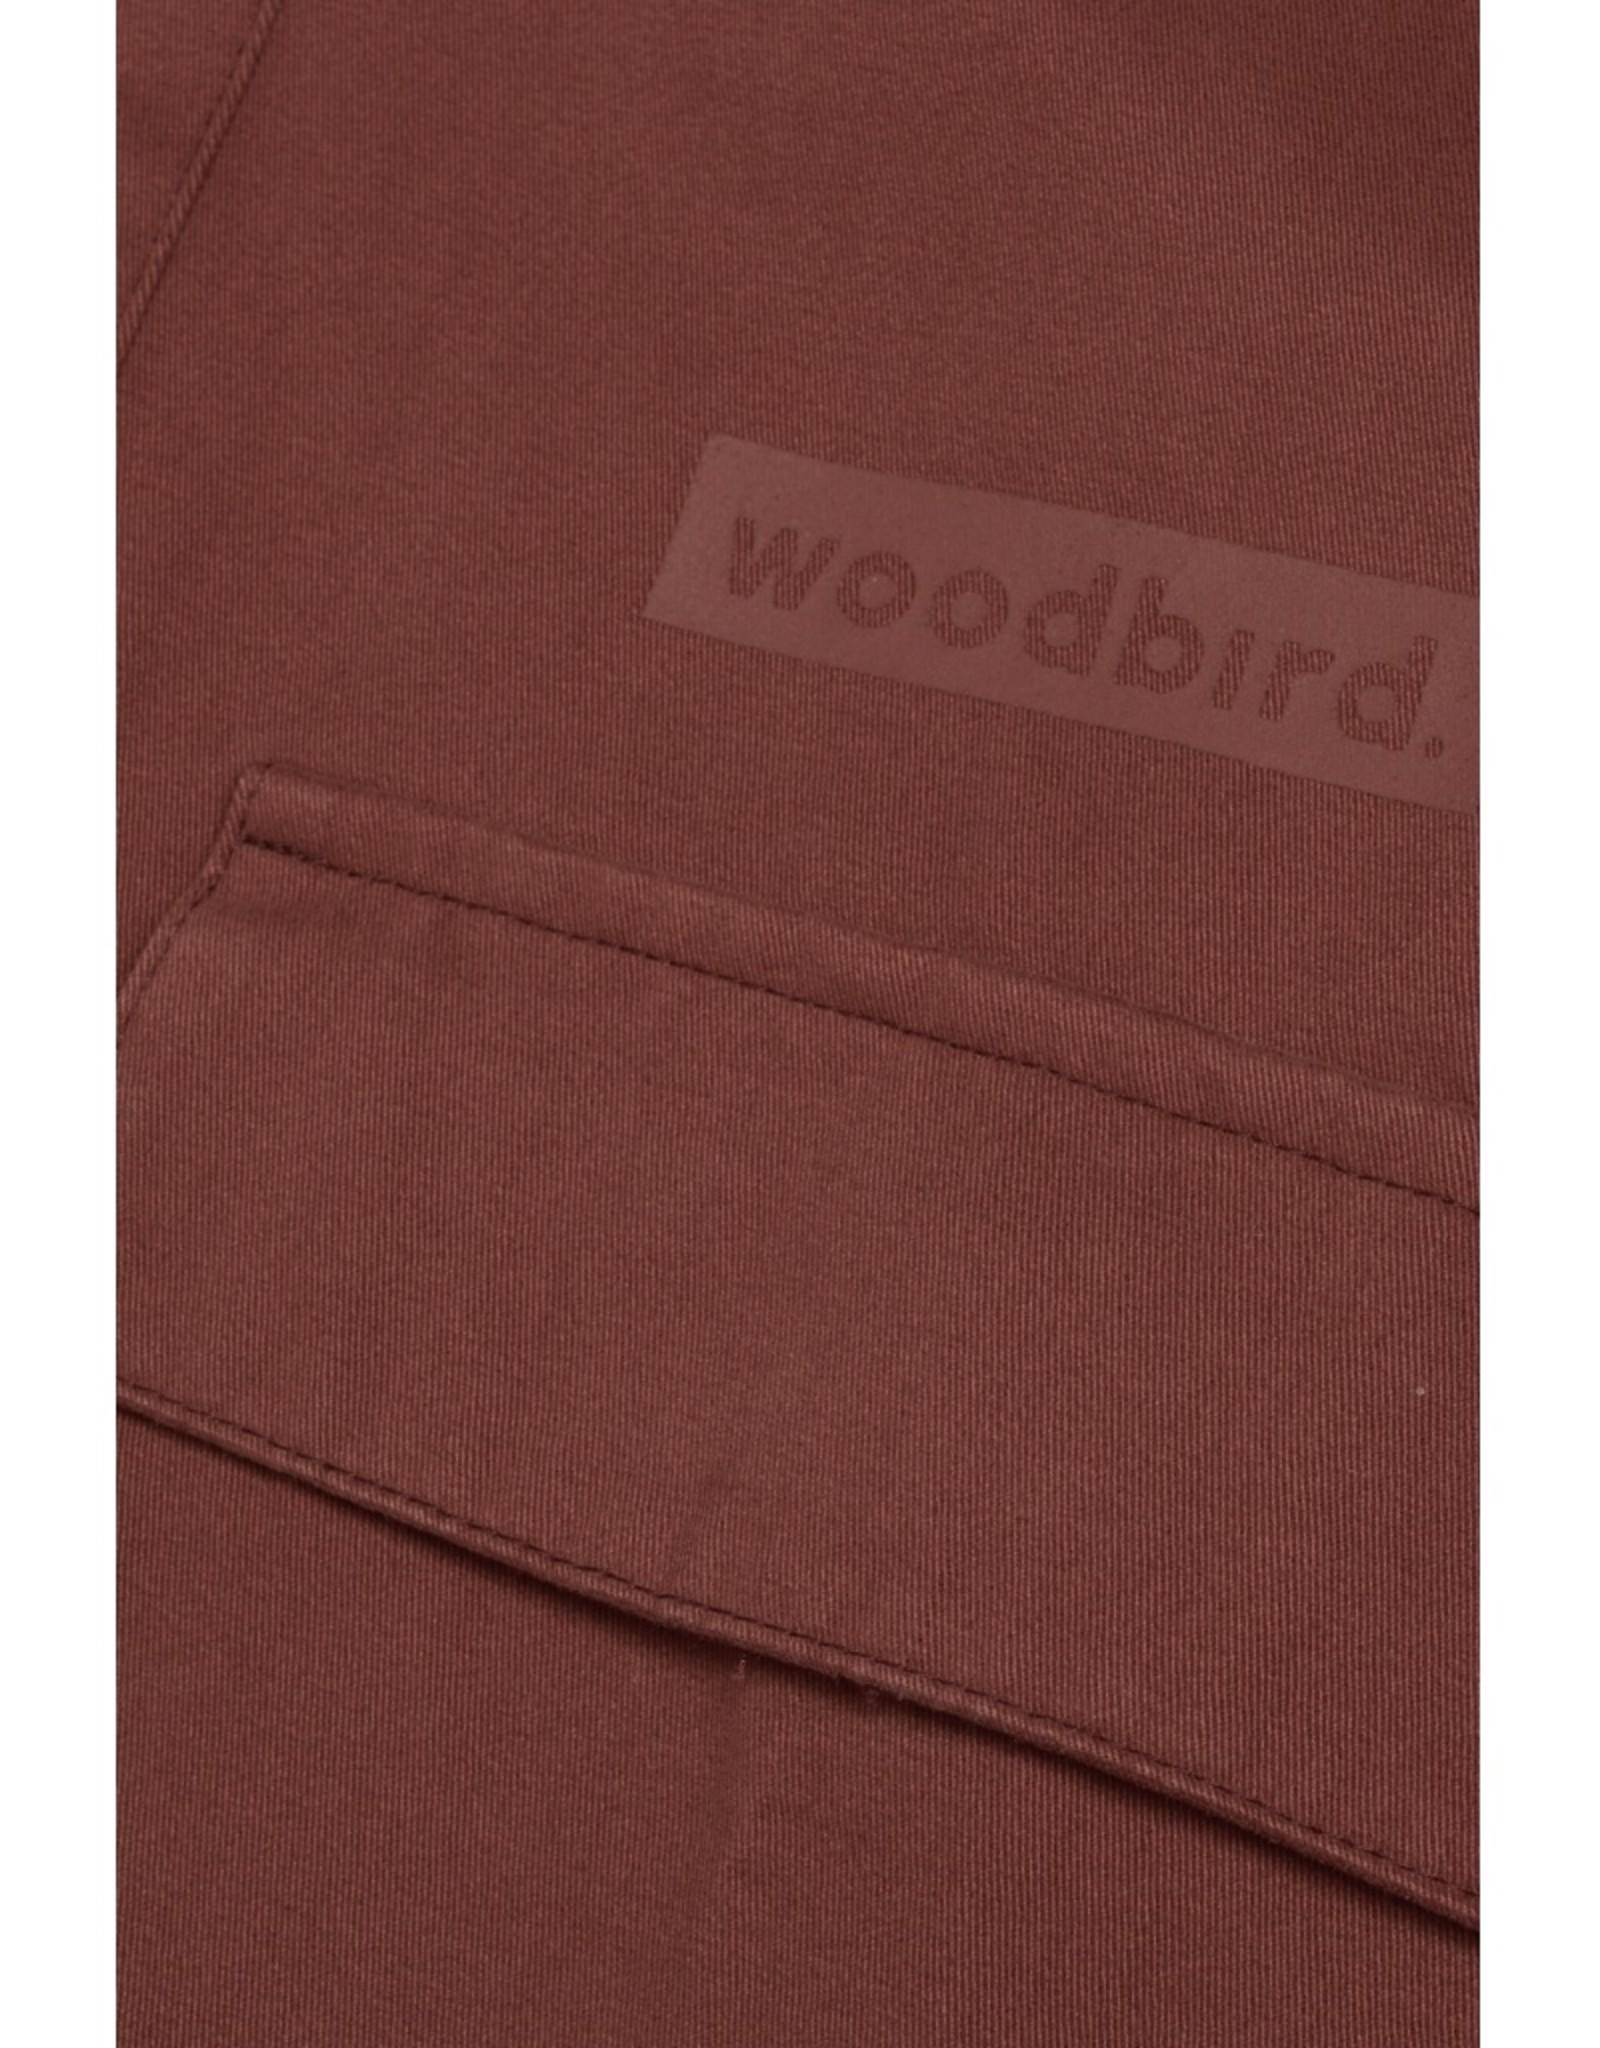 Woodbird AW20-8-WB-Hoxen Work Shirt